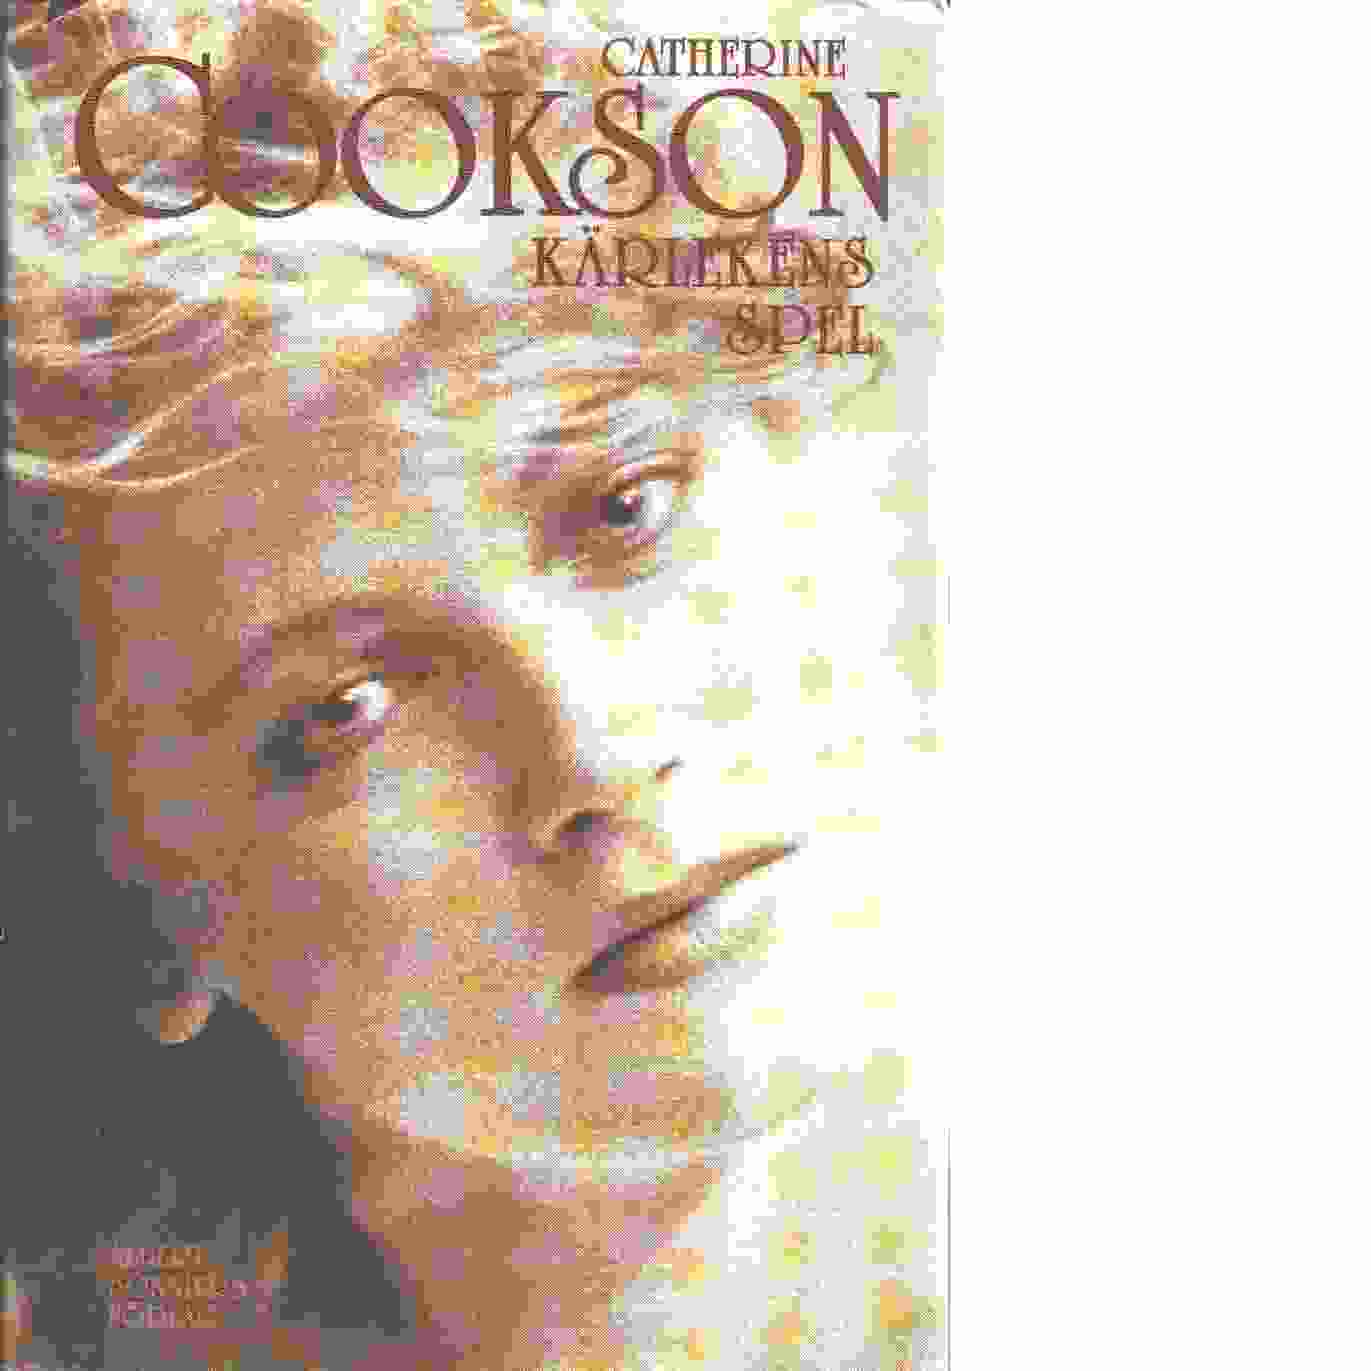 Kärlekens spel - Cookson, Catherine